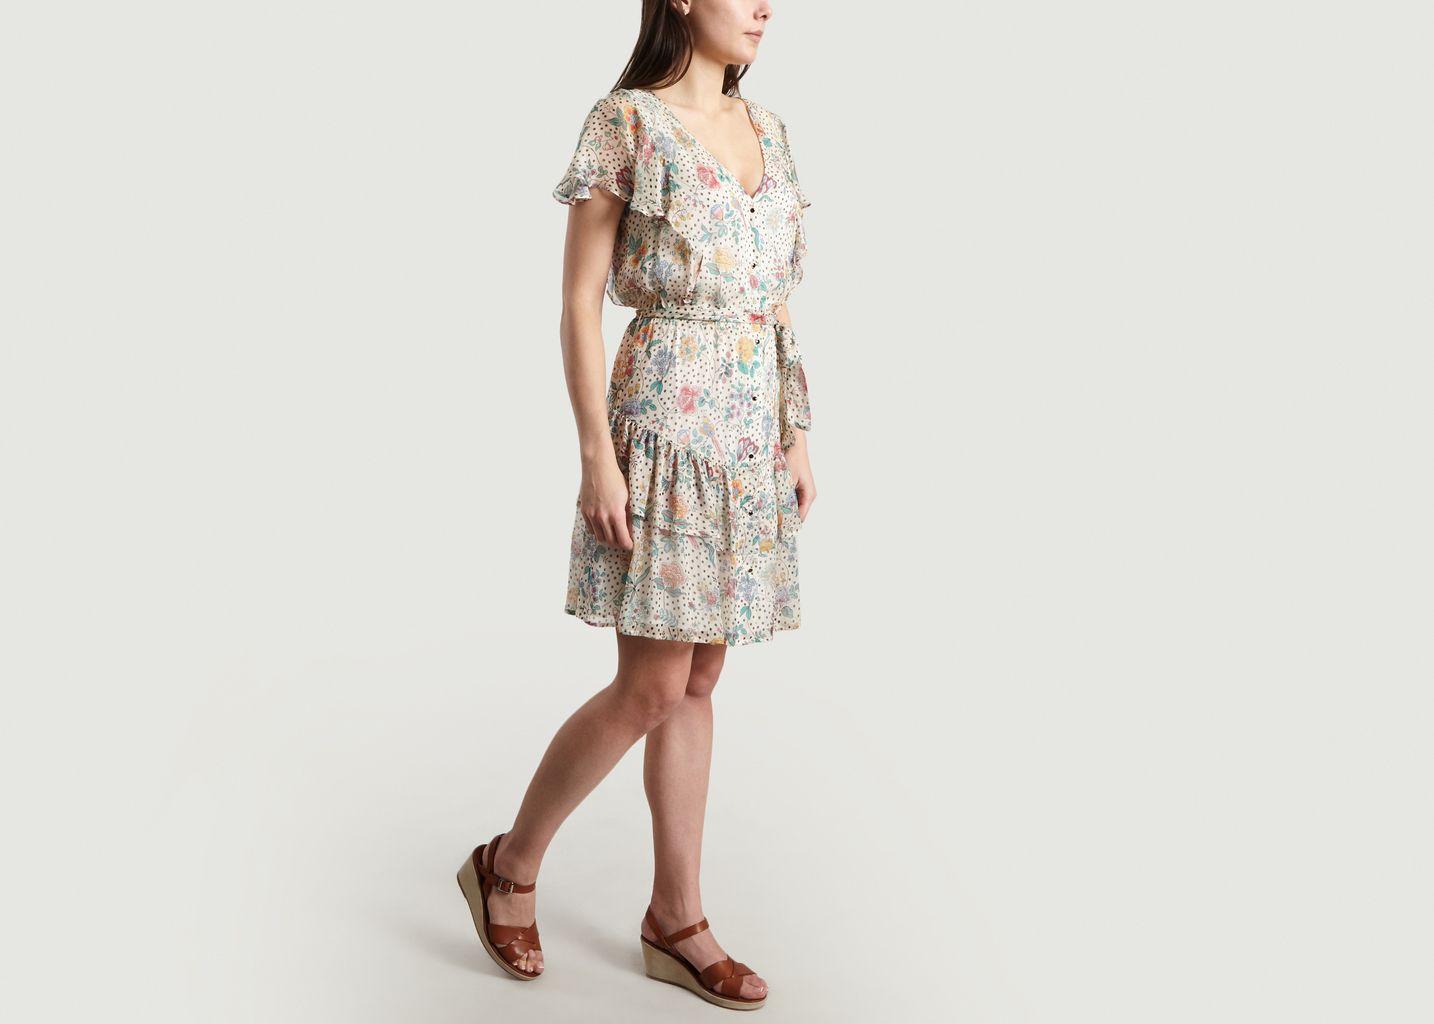 Robe Miss Helyett - Sessun